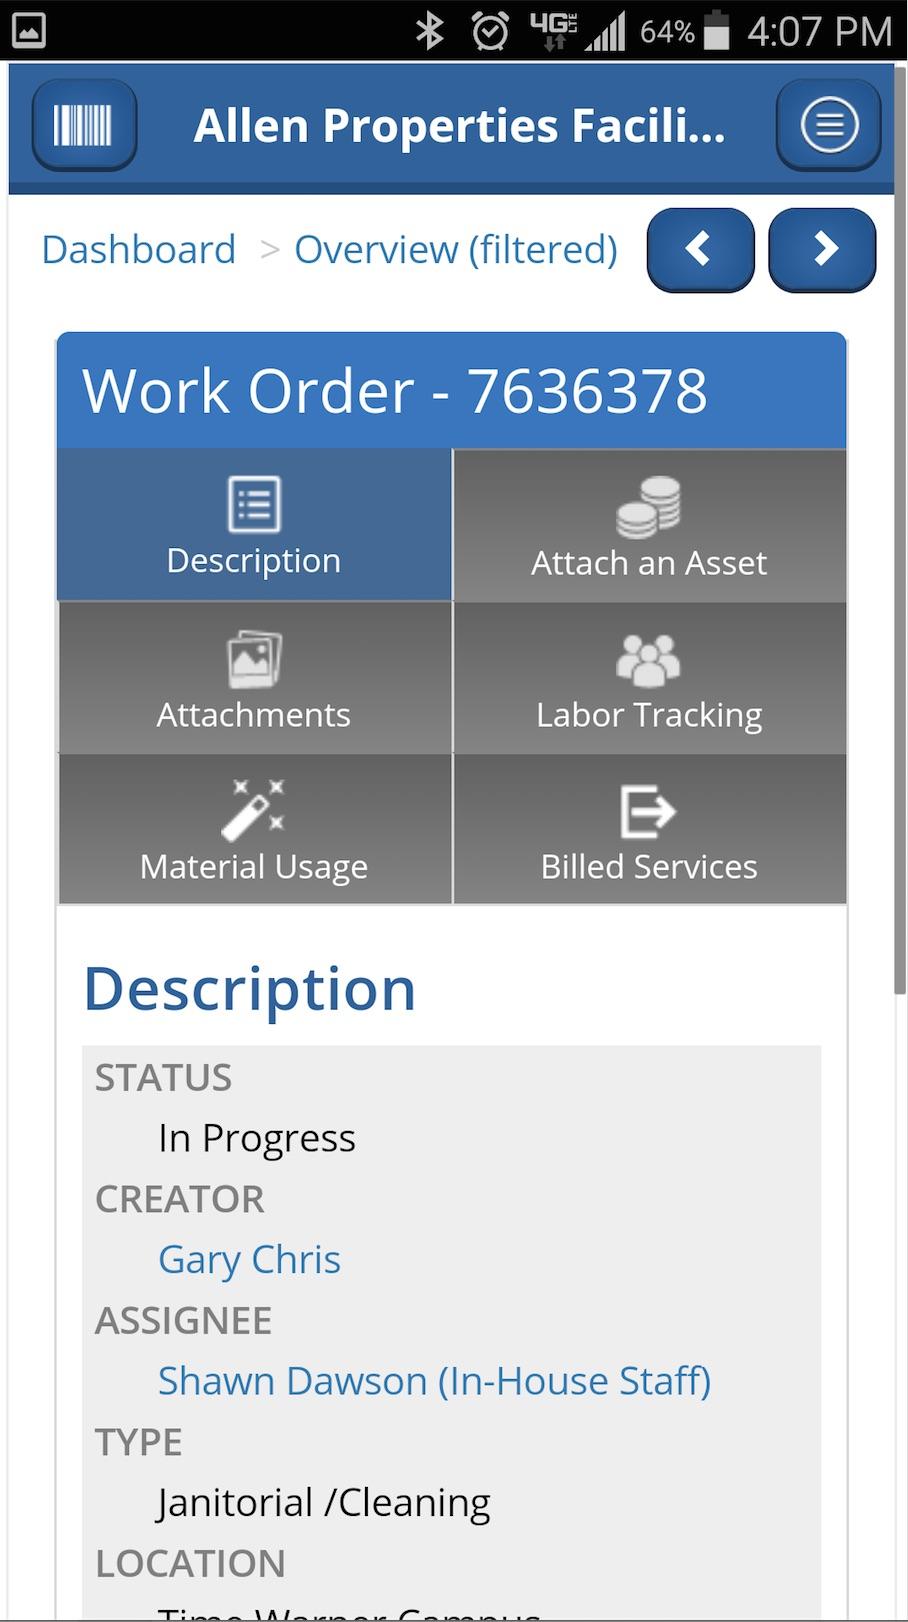 NetFacilities work order